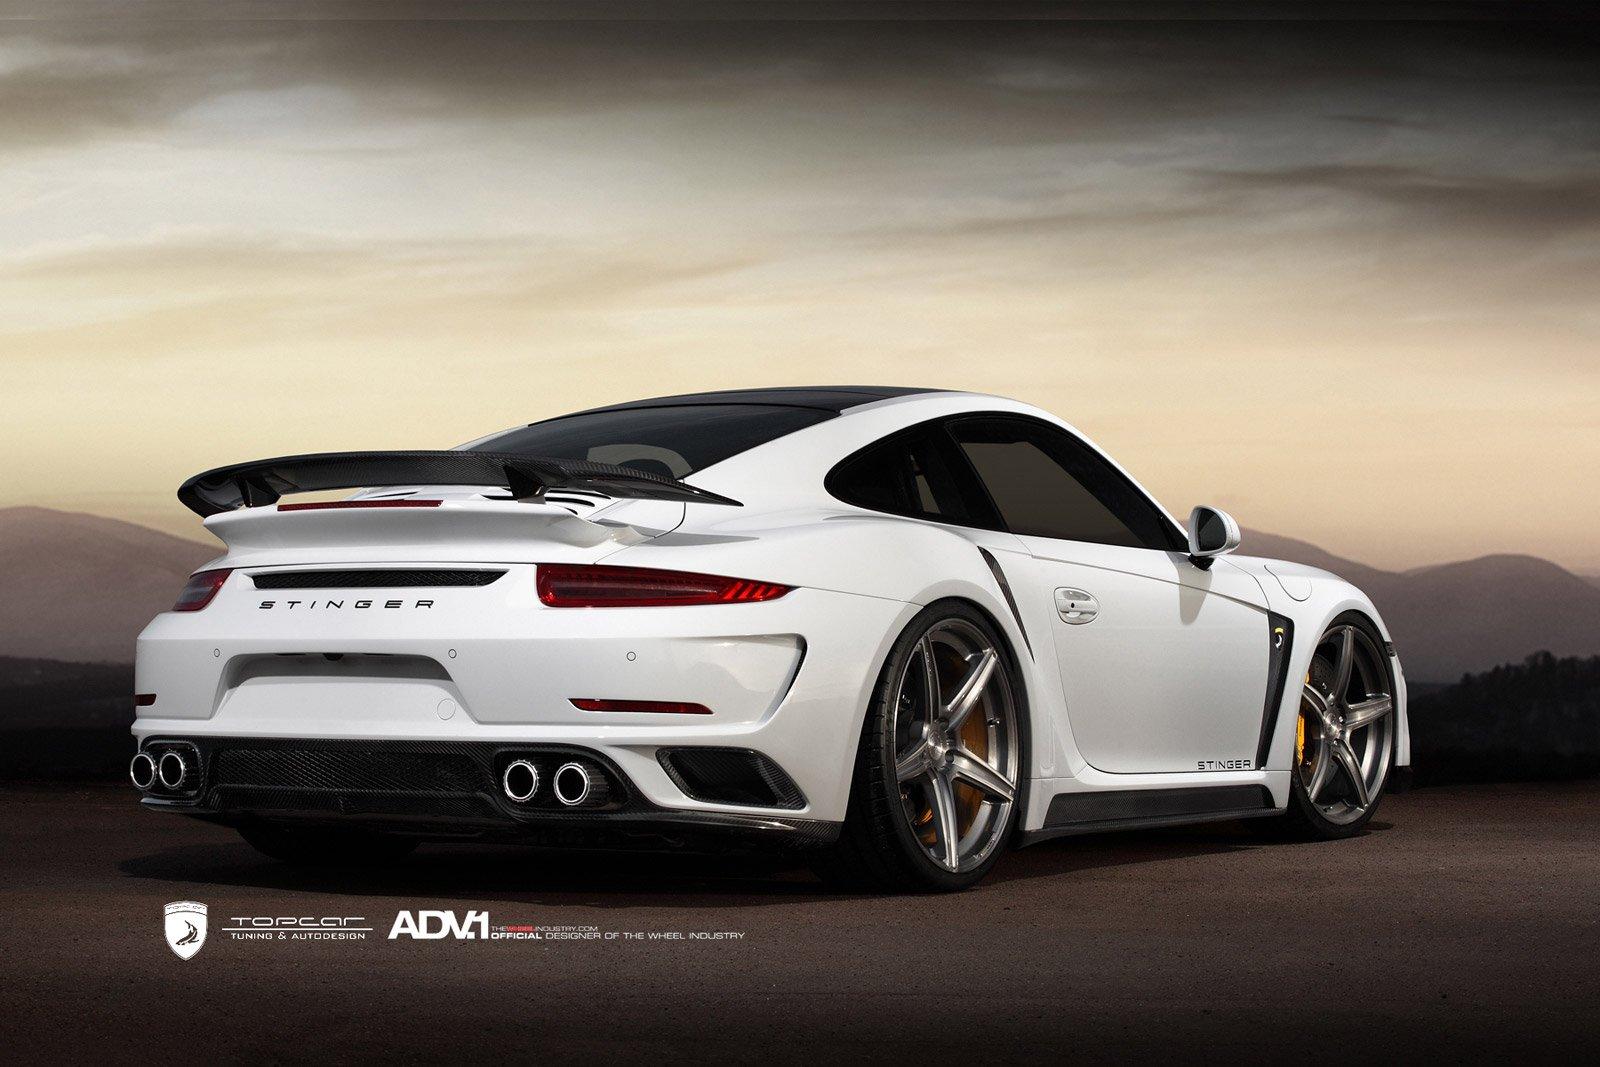 2014 Adv1 Porsche 991 Turbo Topcar White Supercars Wheels